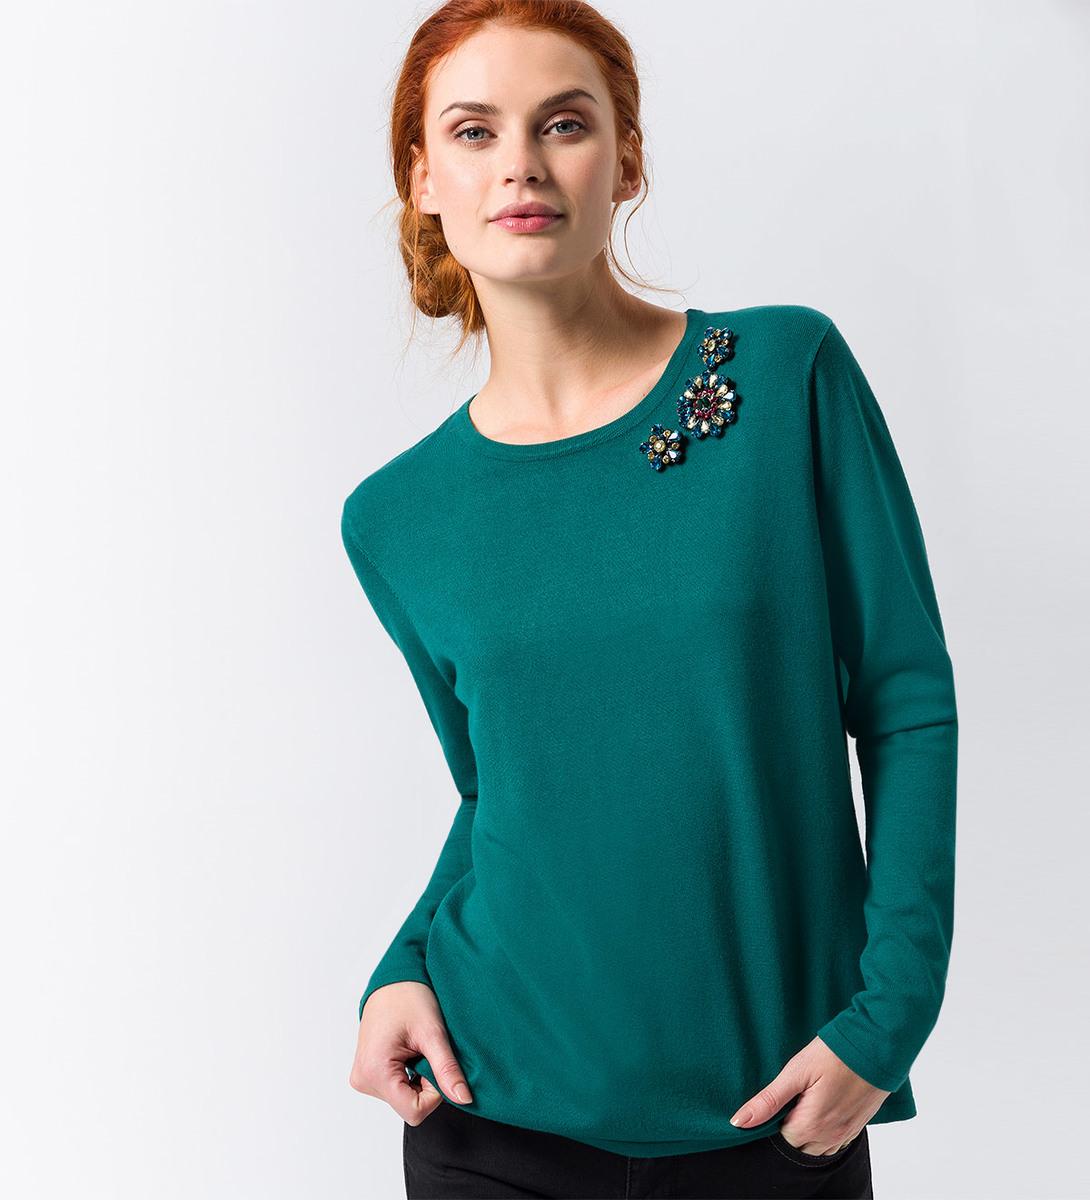 Pullover mit Glitzerbroschen in deep ivy